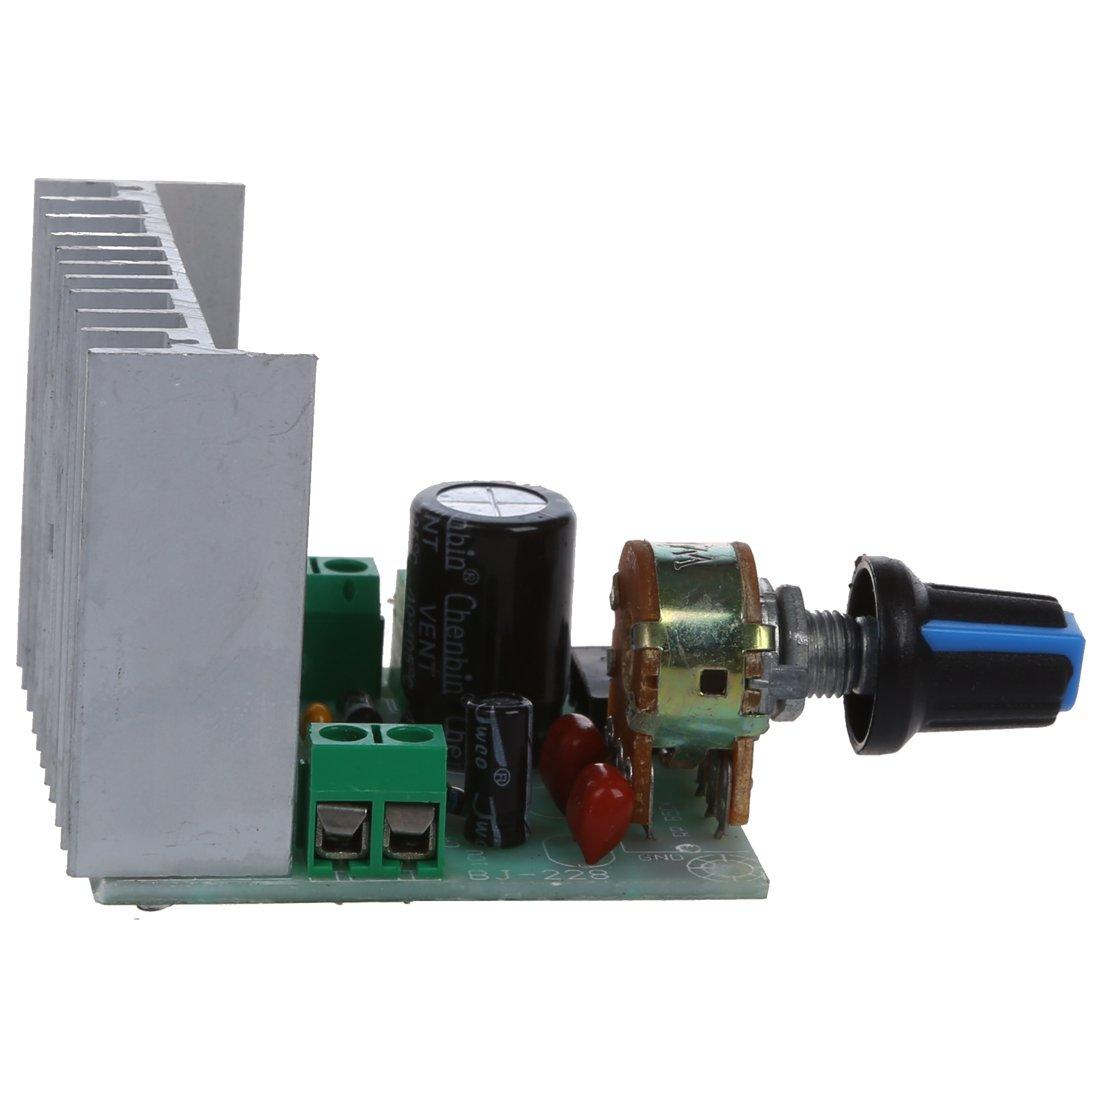 SODIAL(R) AC/DC 9V-15V/12V 15W+15W TDA7297 Version B Dual Channel Amplifier Board Module 014757